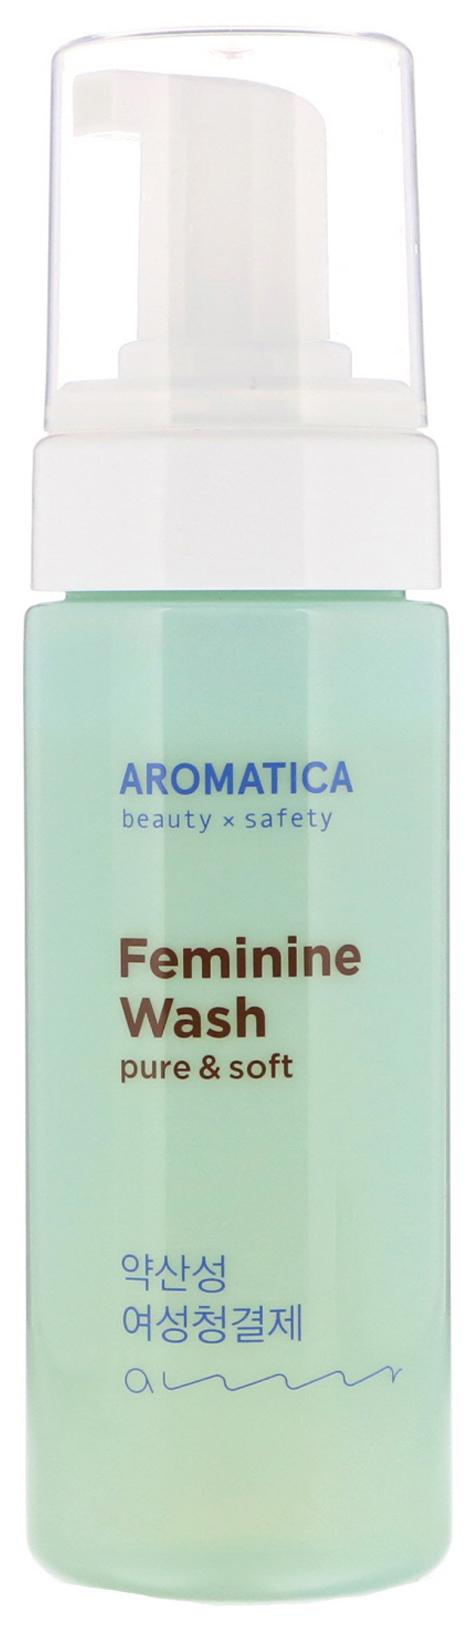 Средство для интимной гигиены Aromatica Pure